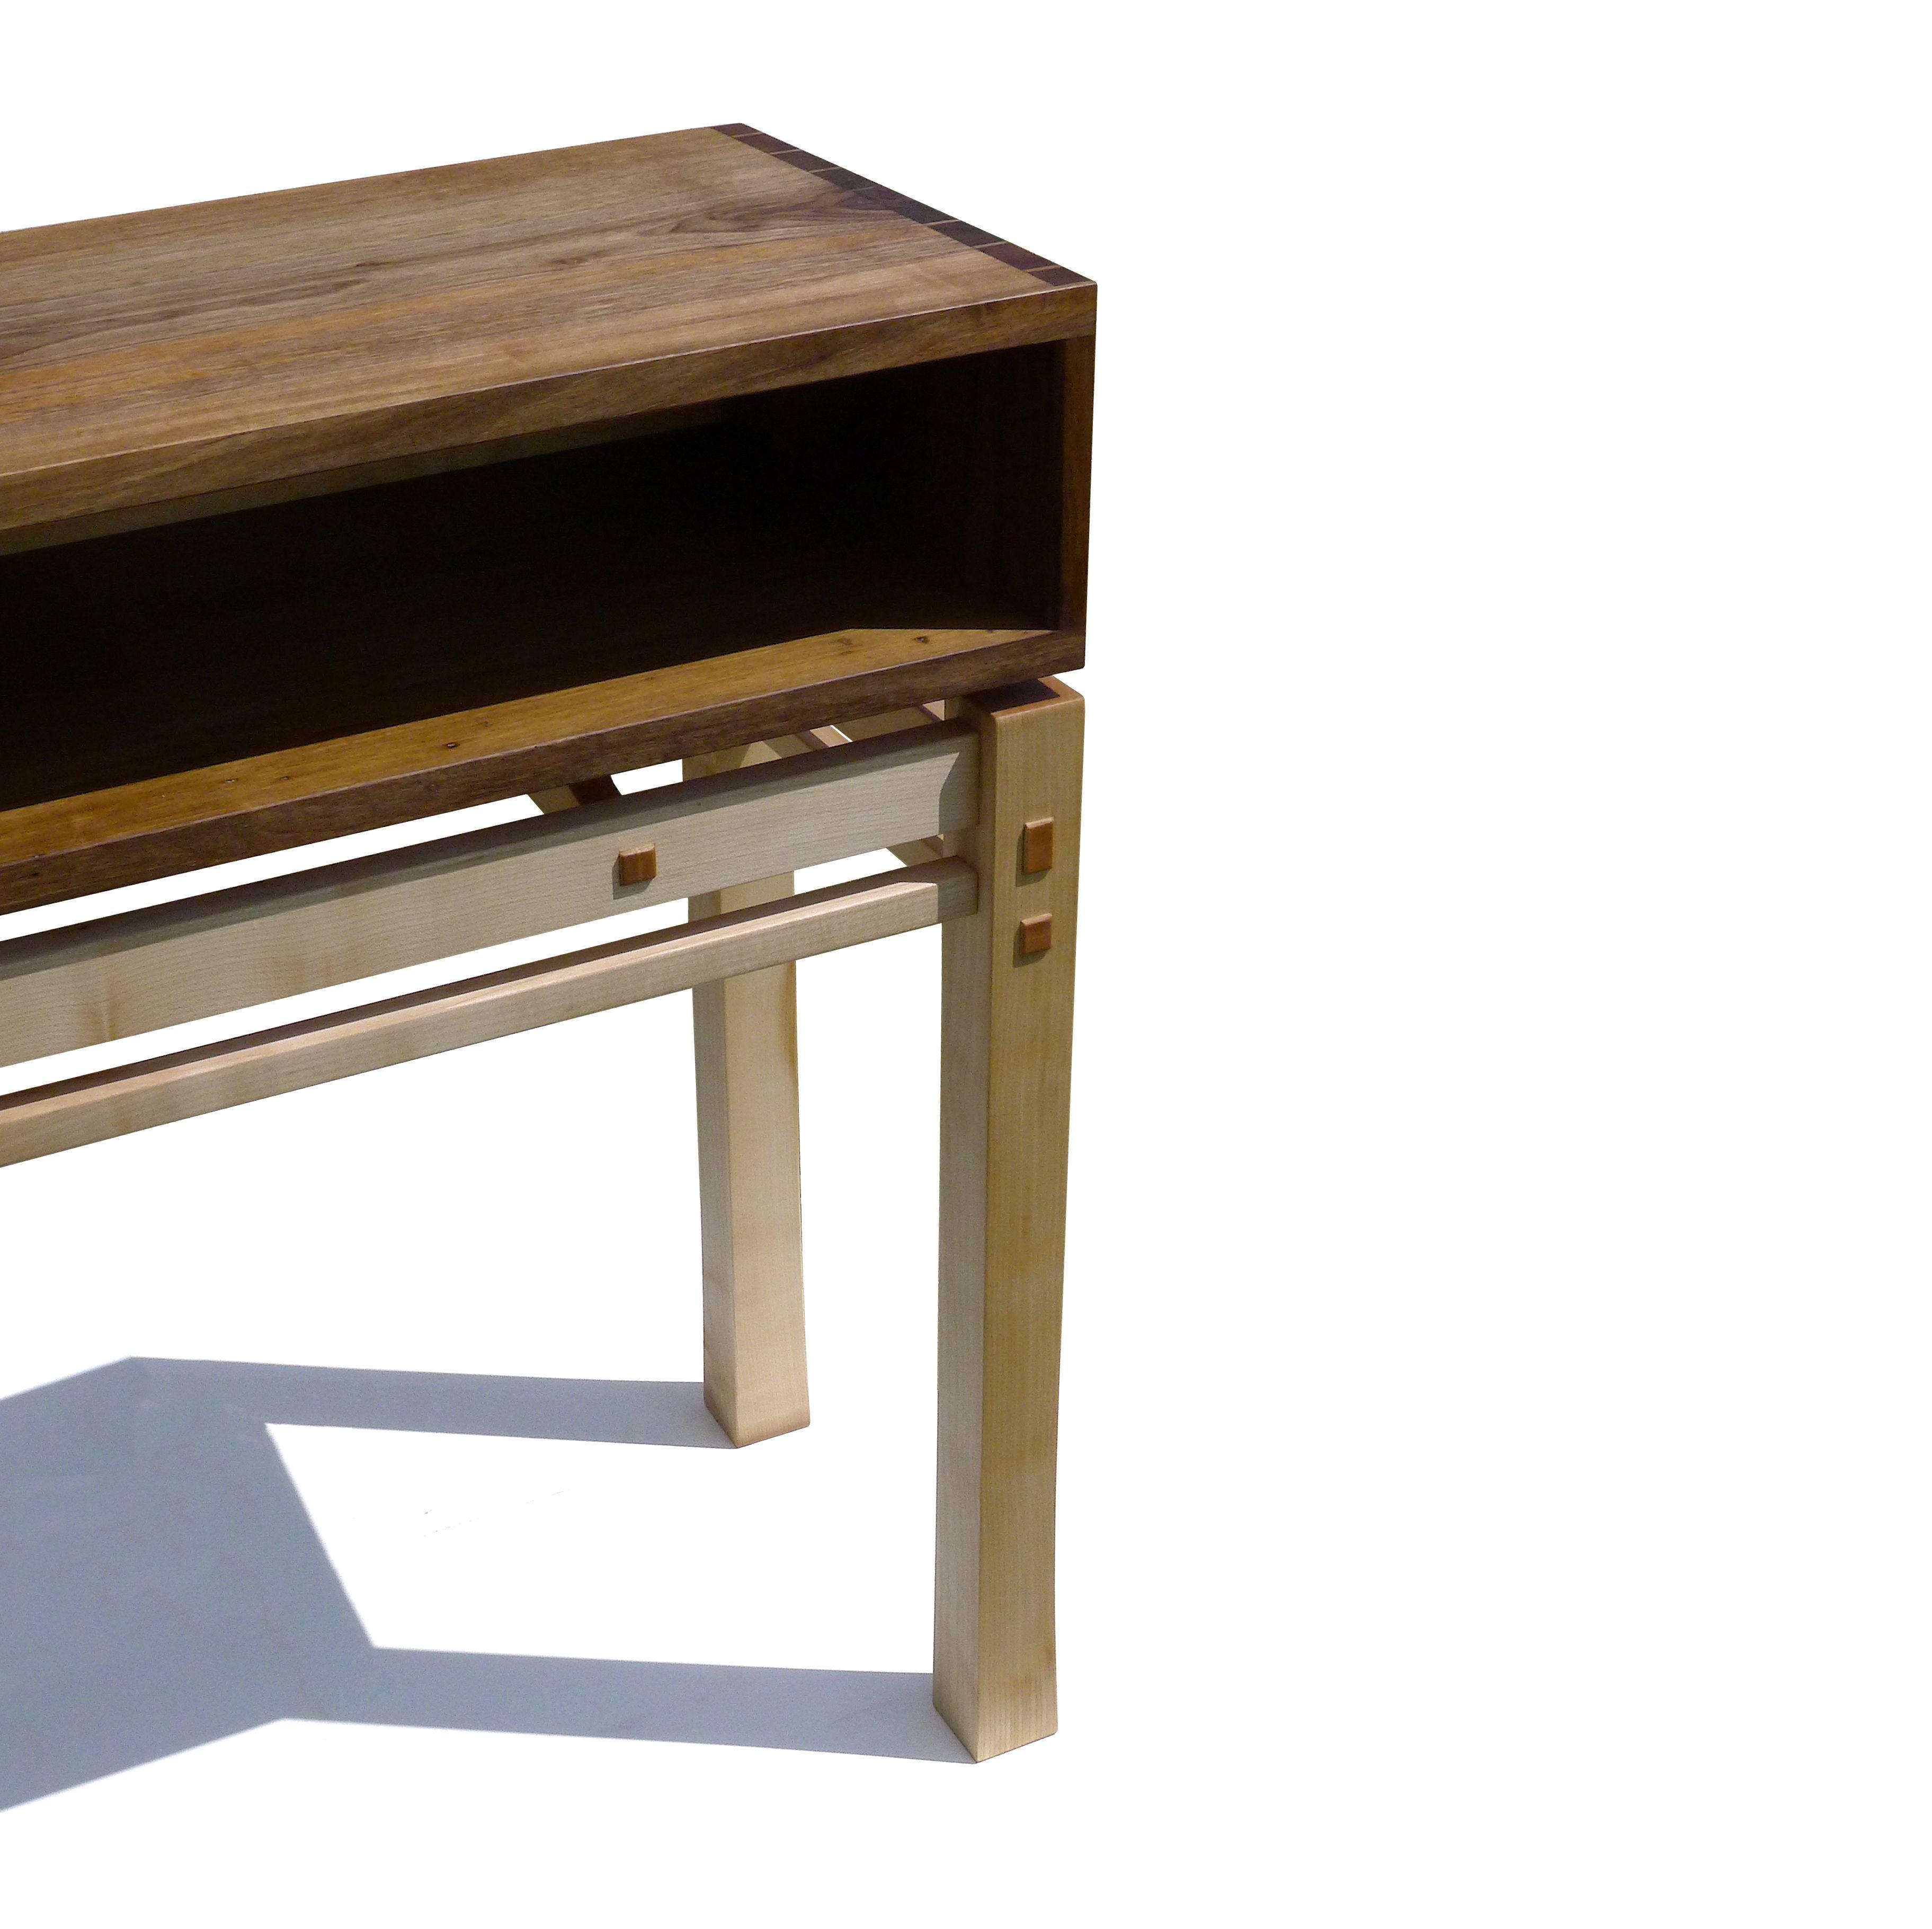 0b973c3ecd164042d39505754ddf8ee4 Impressionnant De Table ascenseur Des Idées